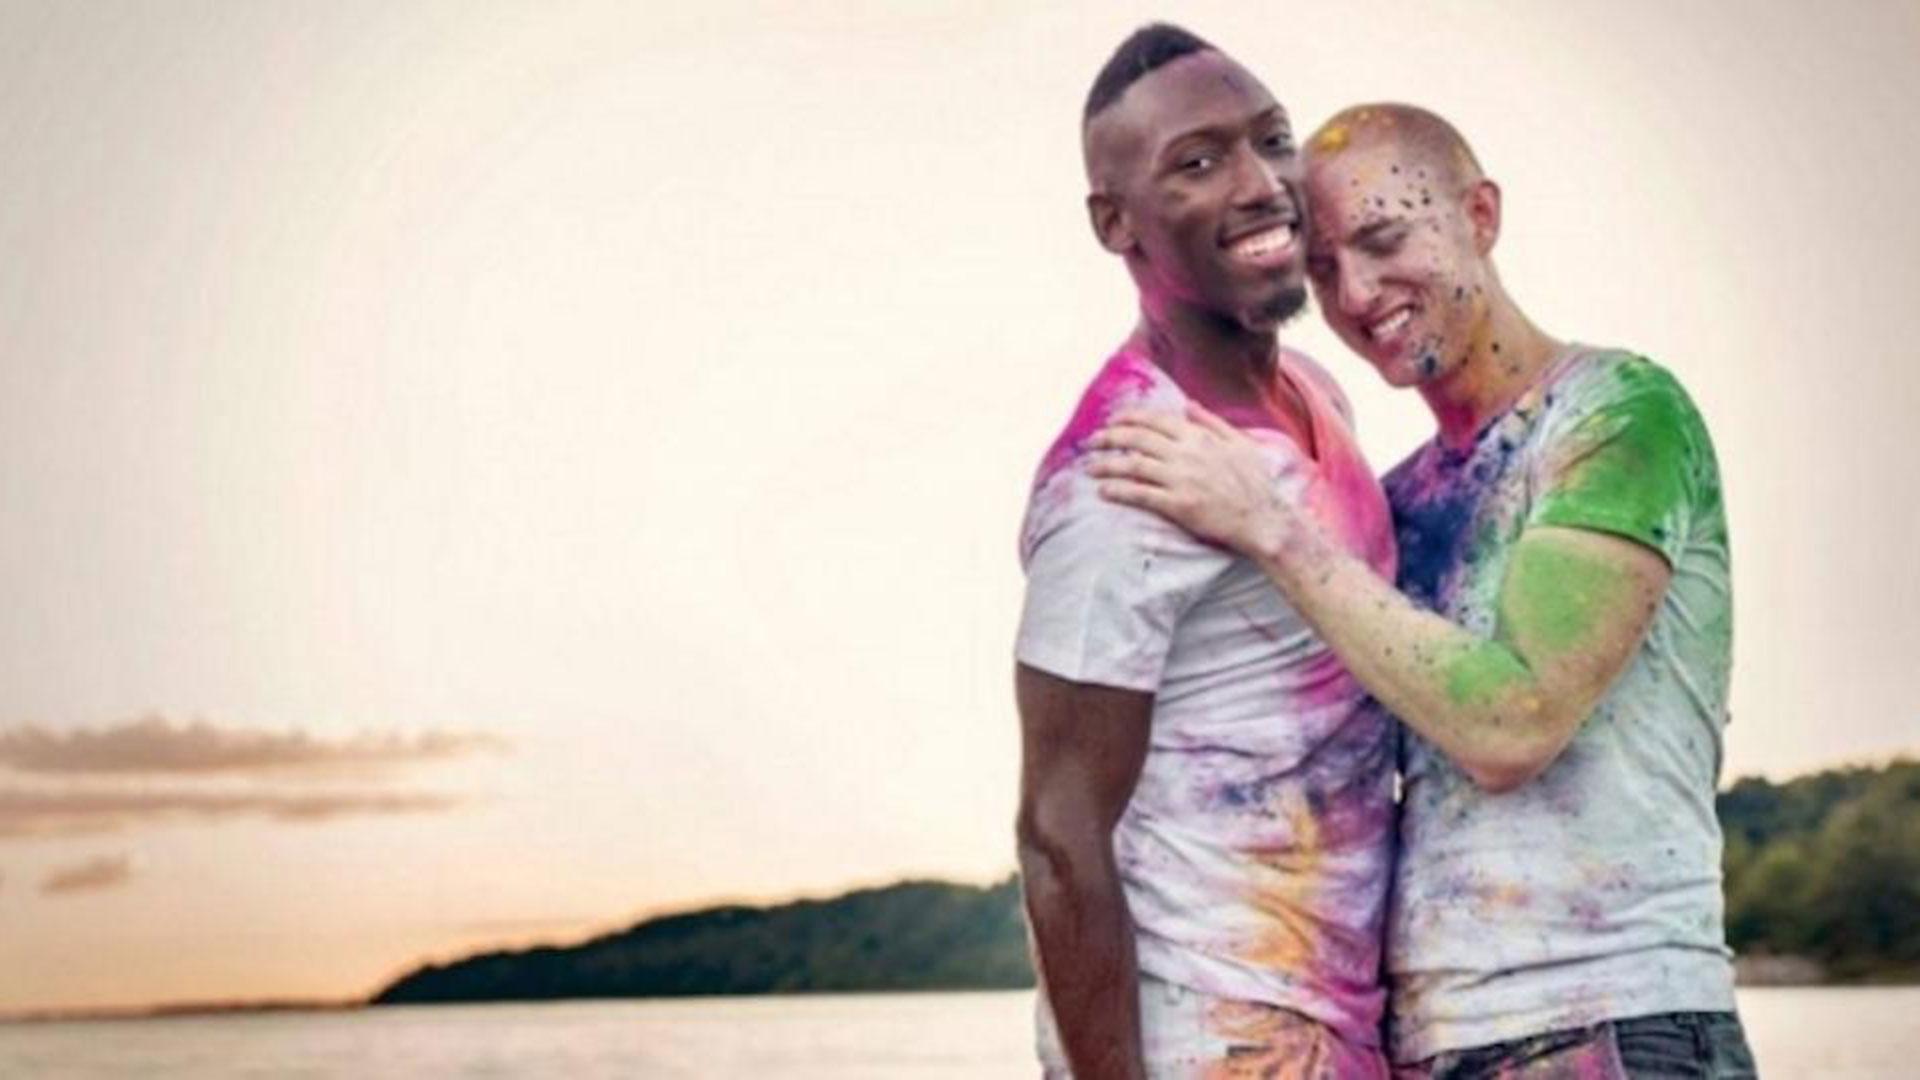 El matrimonio gay fue derogado en Bermudas